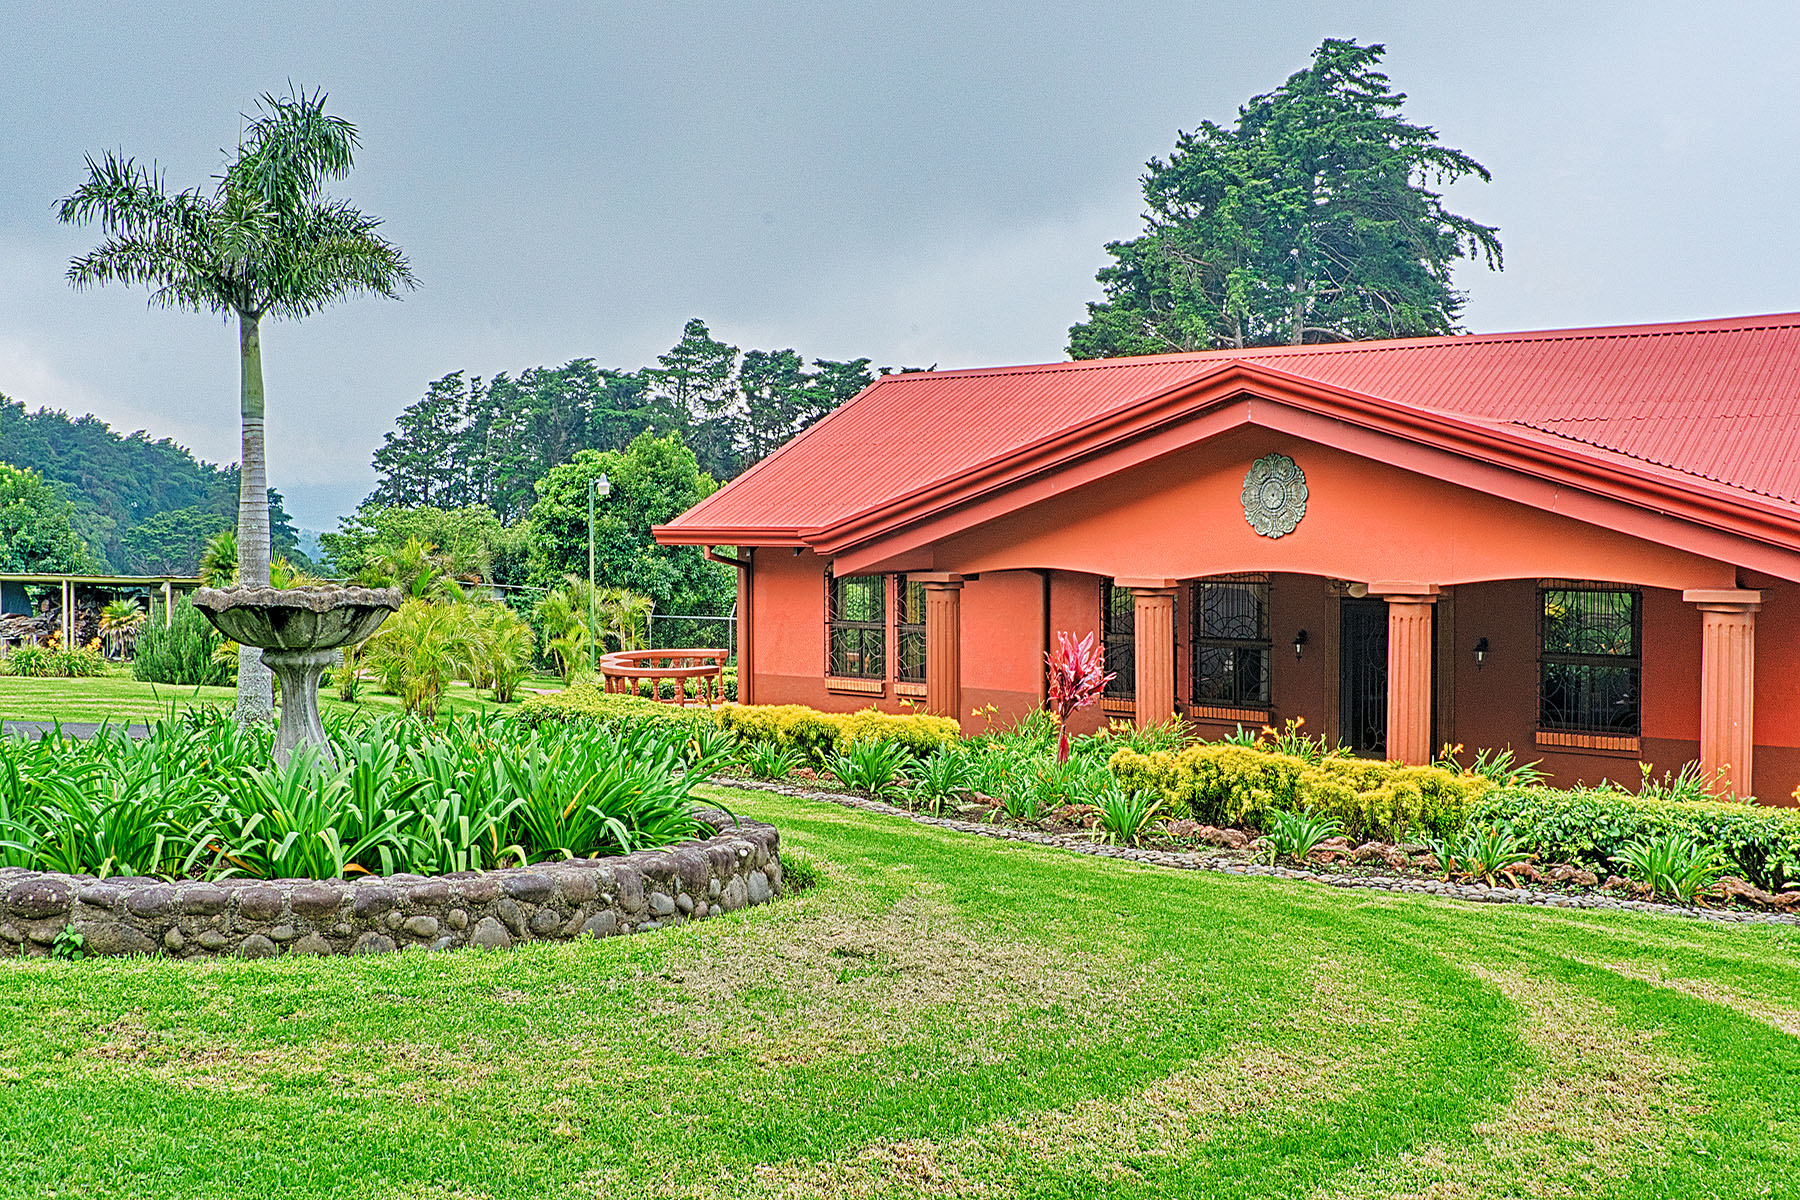 Single Family Home for Sale at Vistas de Montecito Heredia, Heredia Costa Rica